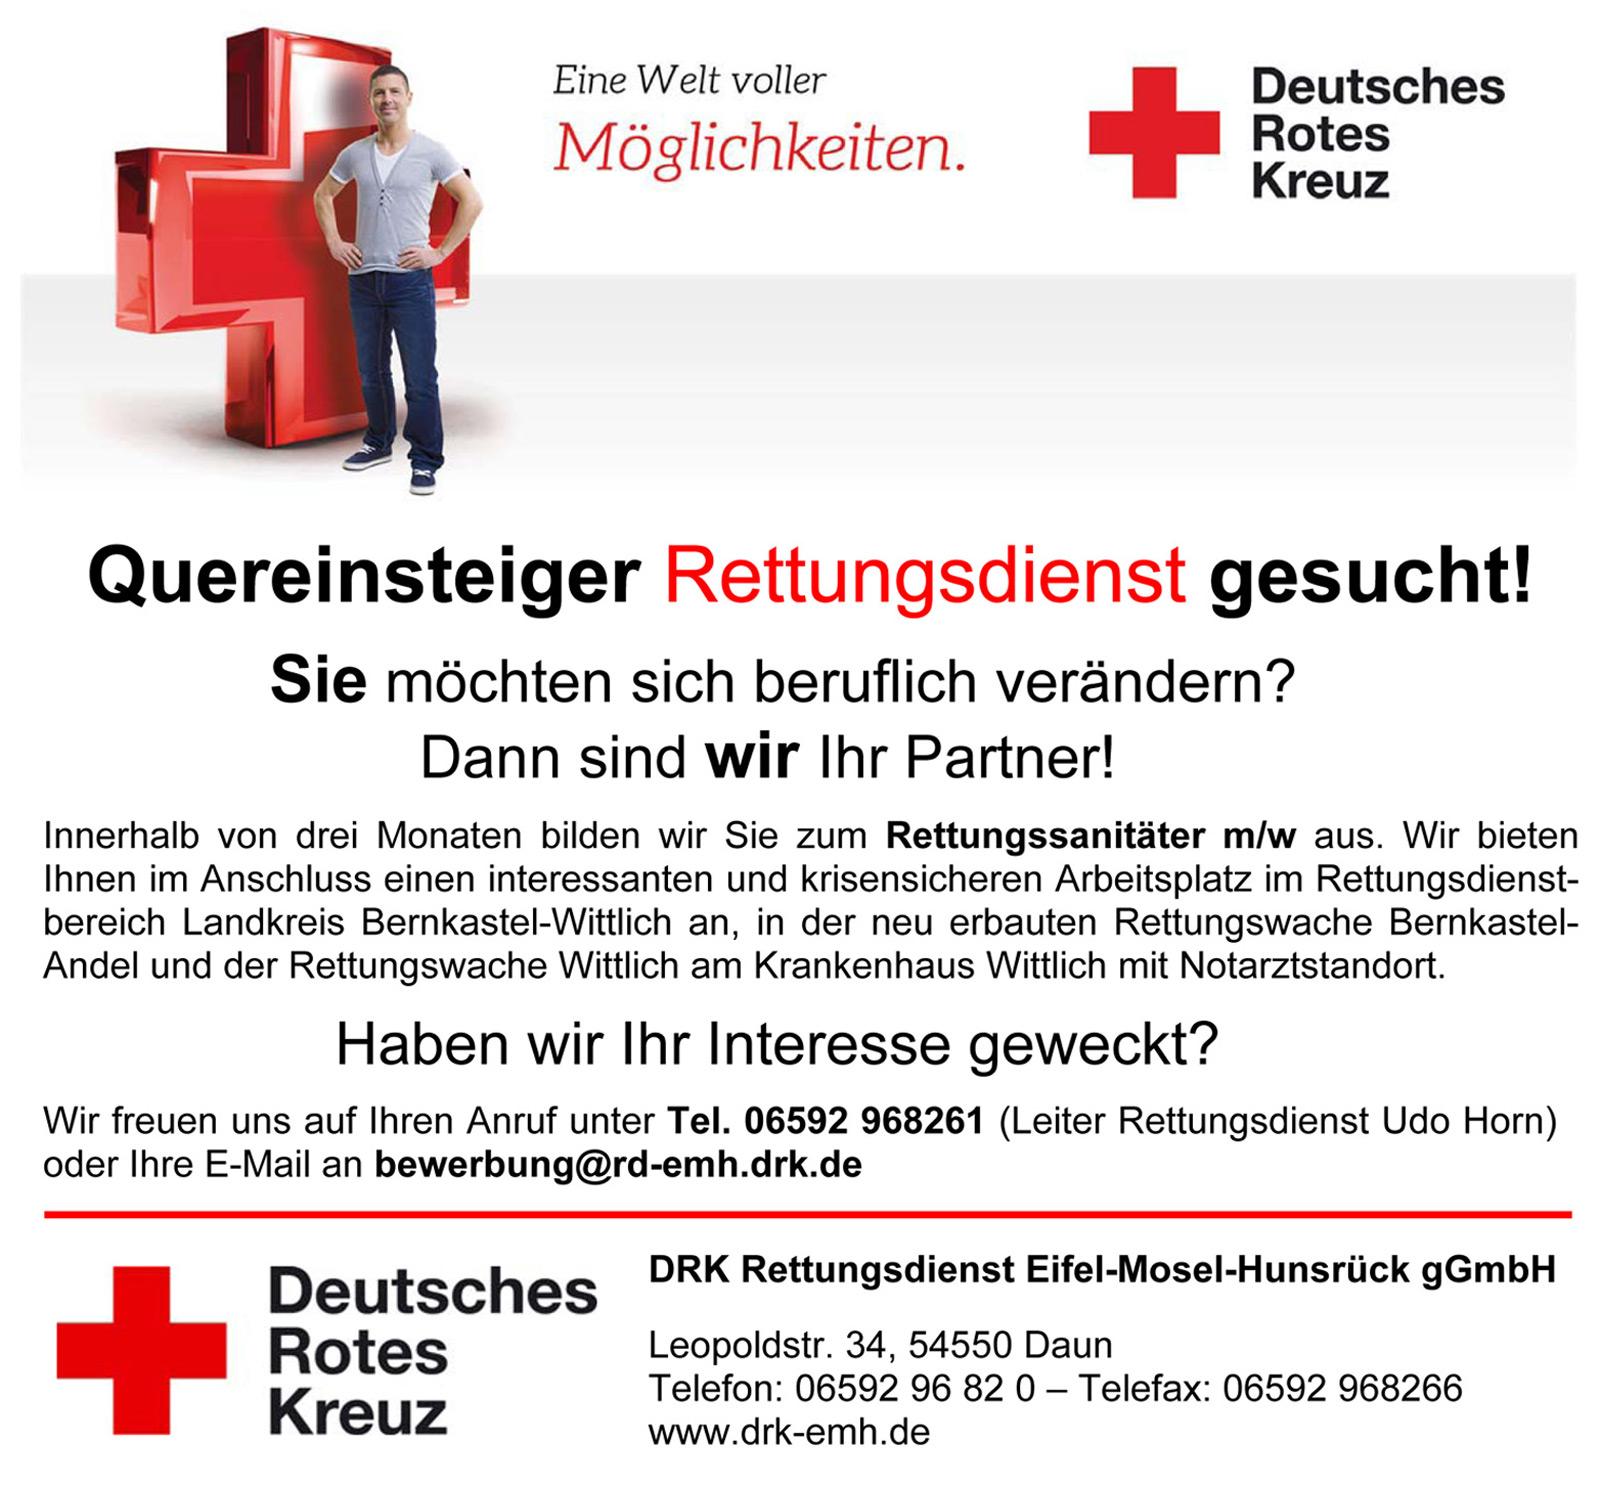 sie knnen ihre bewerbung online ber dieses formular einreichen online bewerbung - Bewerbung Rettungssanitater